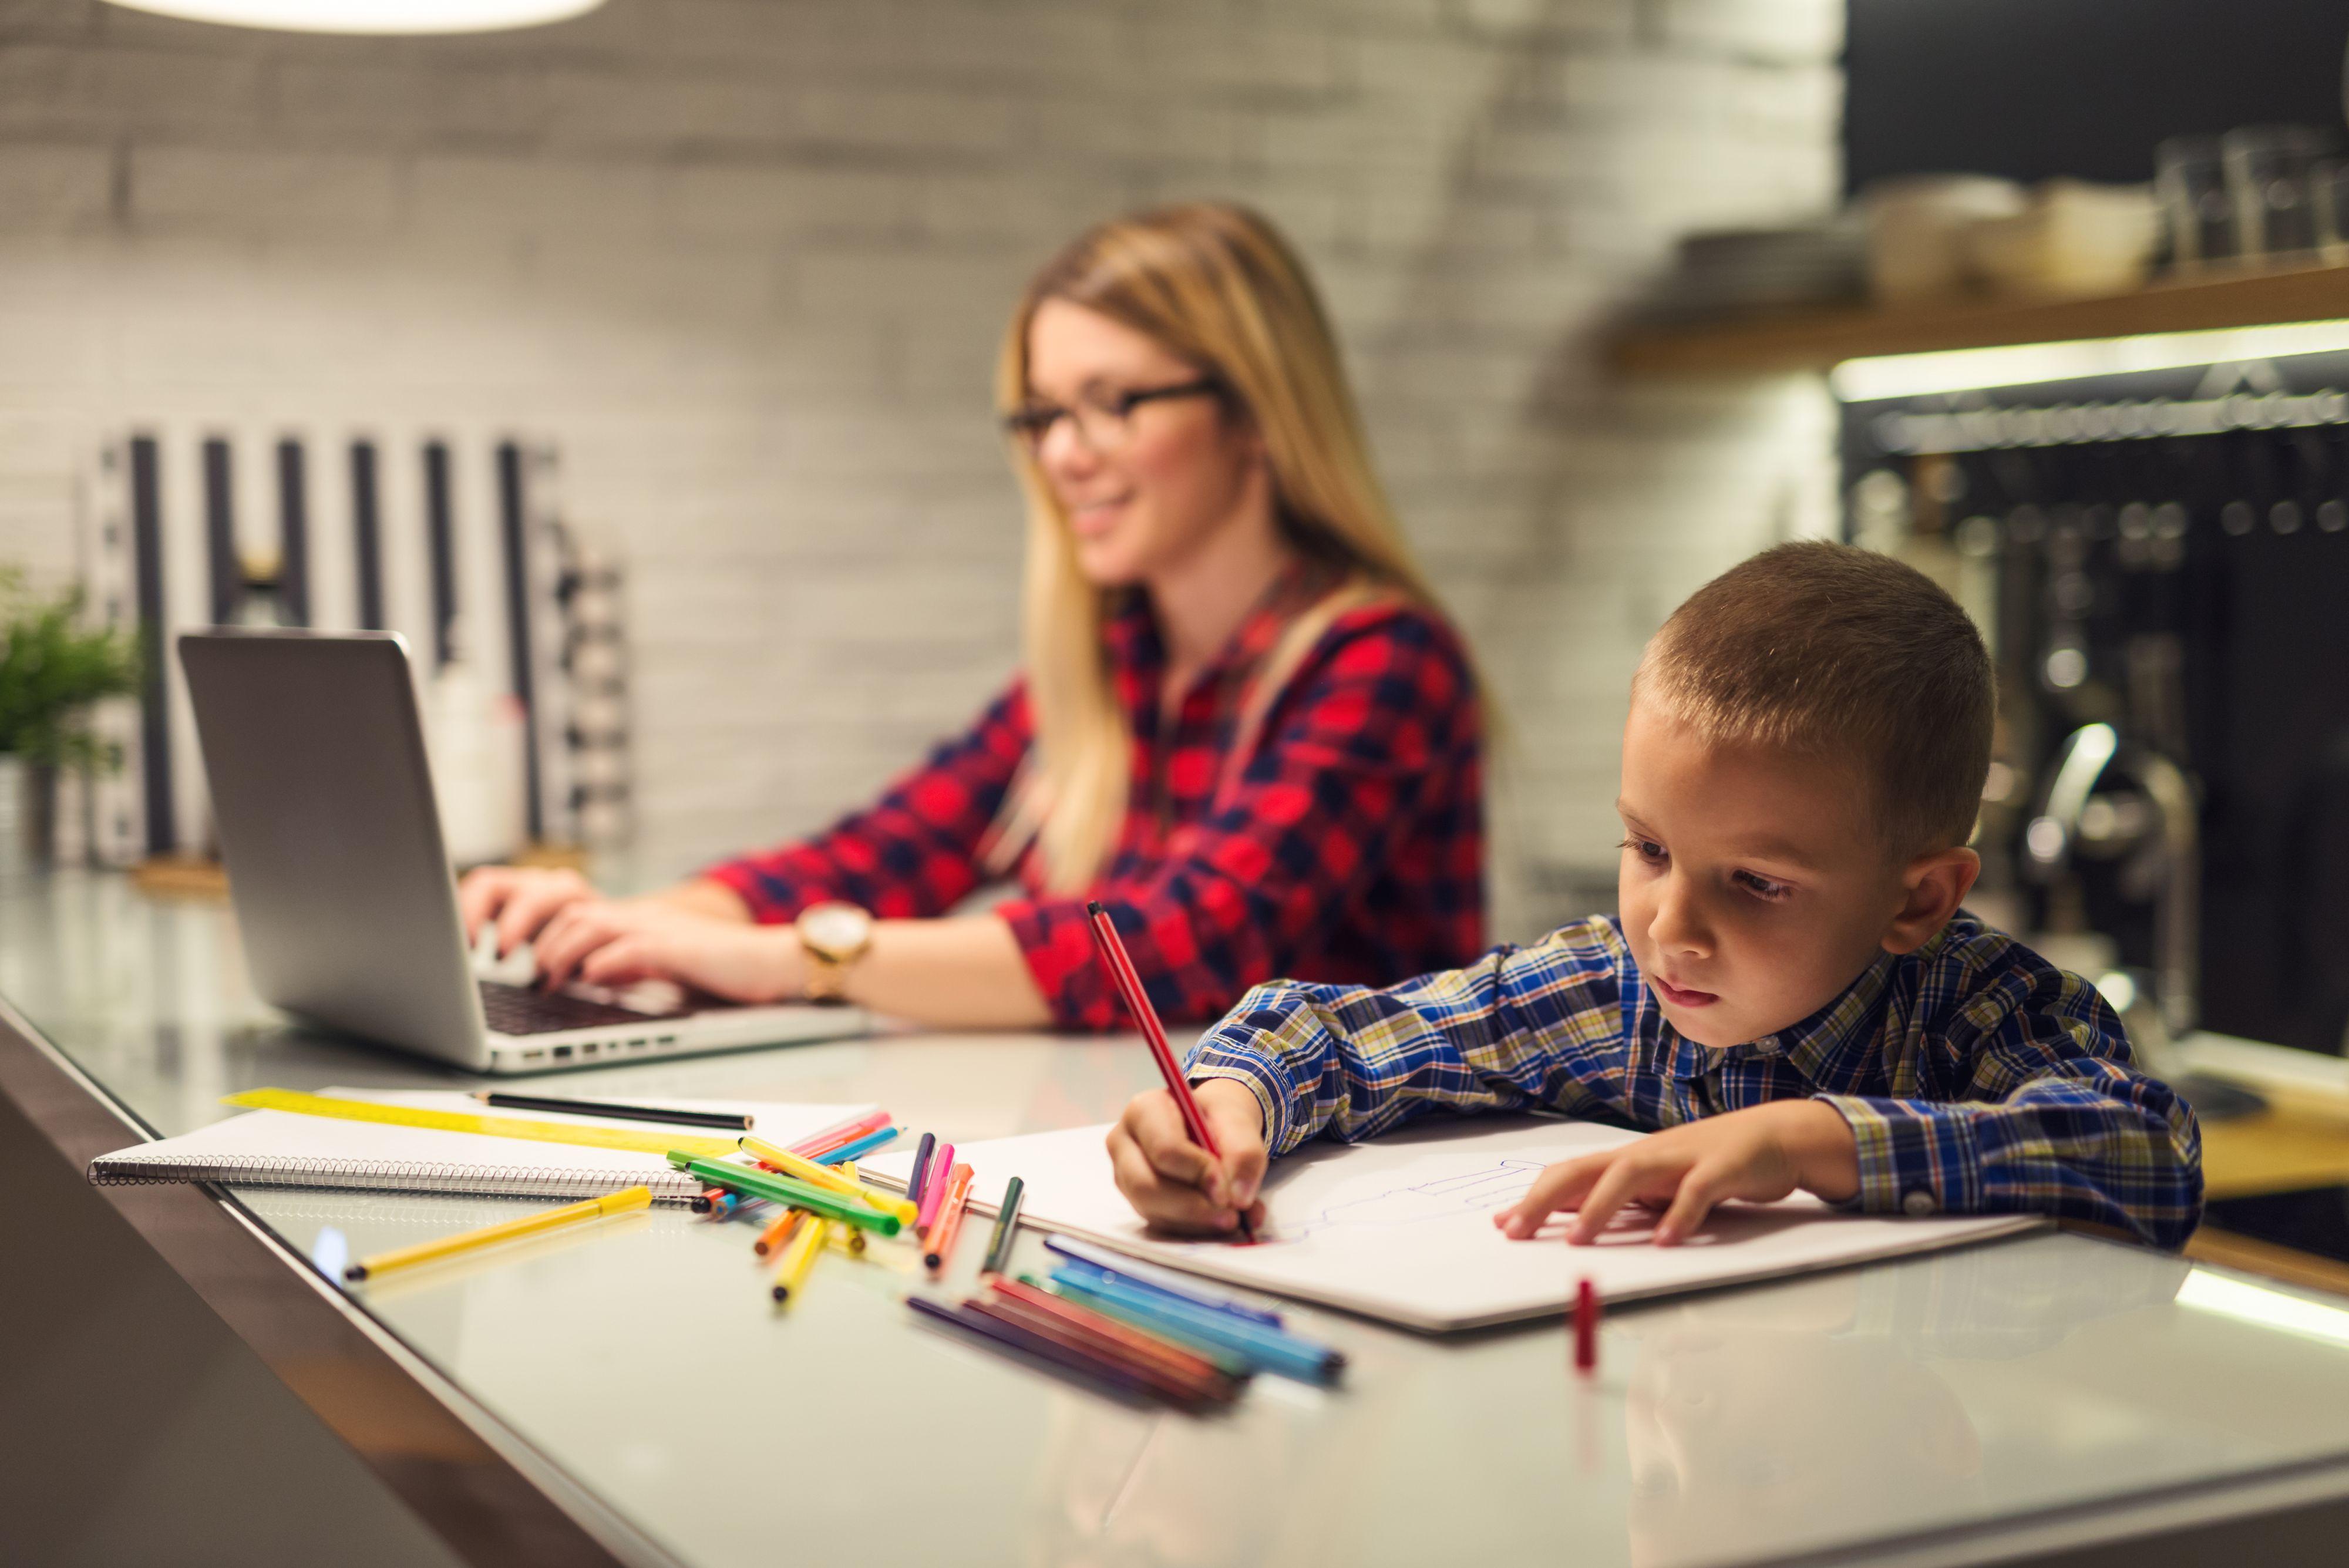 Kwestią, którą należy uwzględnić podczas planowania pracy zdalnej, jest sposób rozliczania pracowników z wykonywanej pracy. (Fot. Shutterstock)